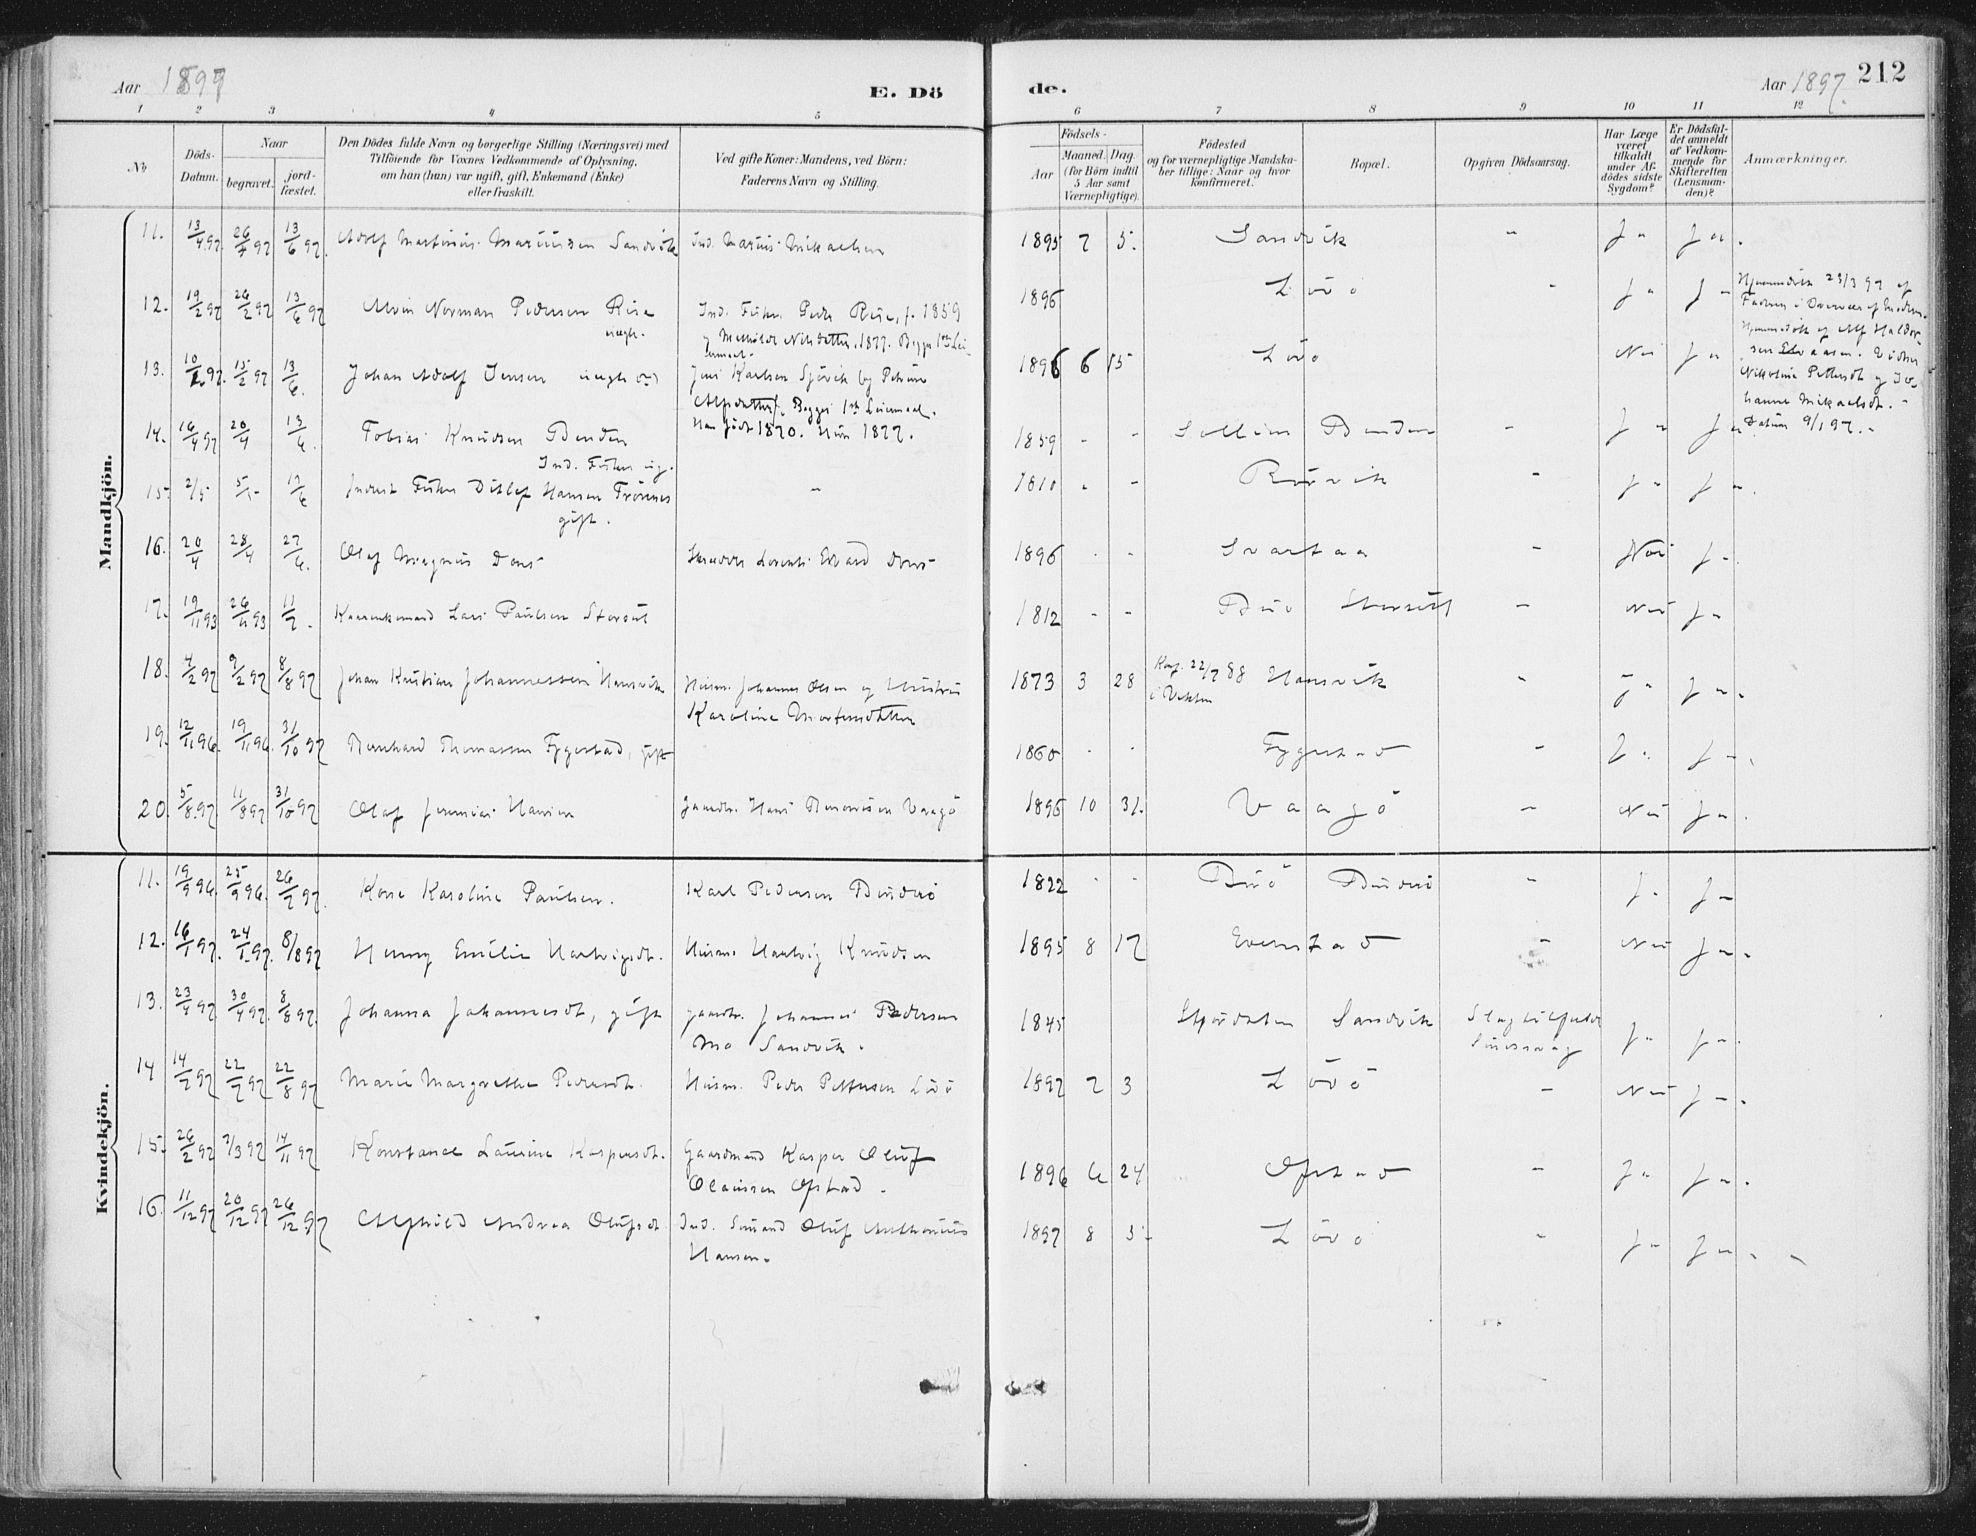 SAT, Ministerialprotokoller, klokkerbøker og fødselsregistre - Nord-Trøndelag, 786/L0687: Ministerialbok nr. 786A03, 1888-1898, s. 212